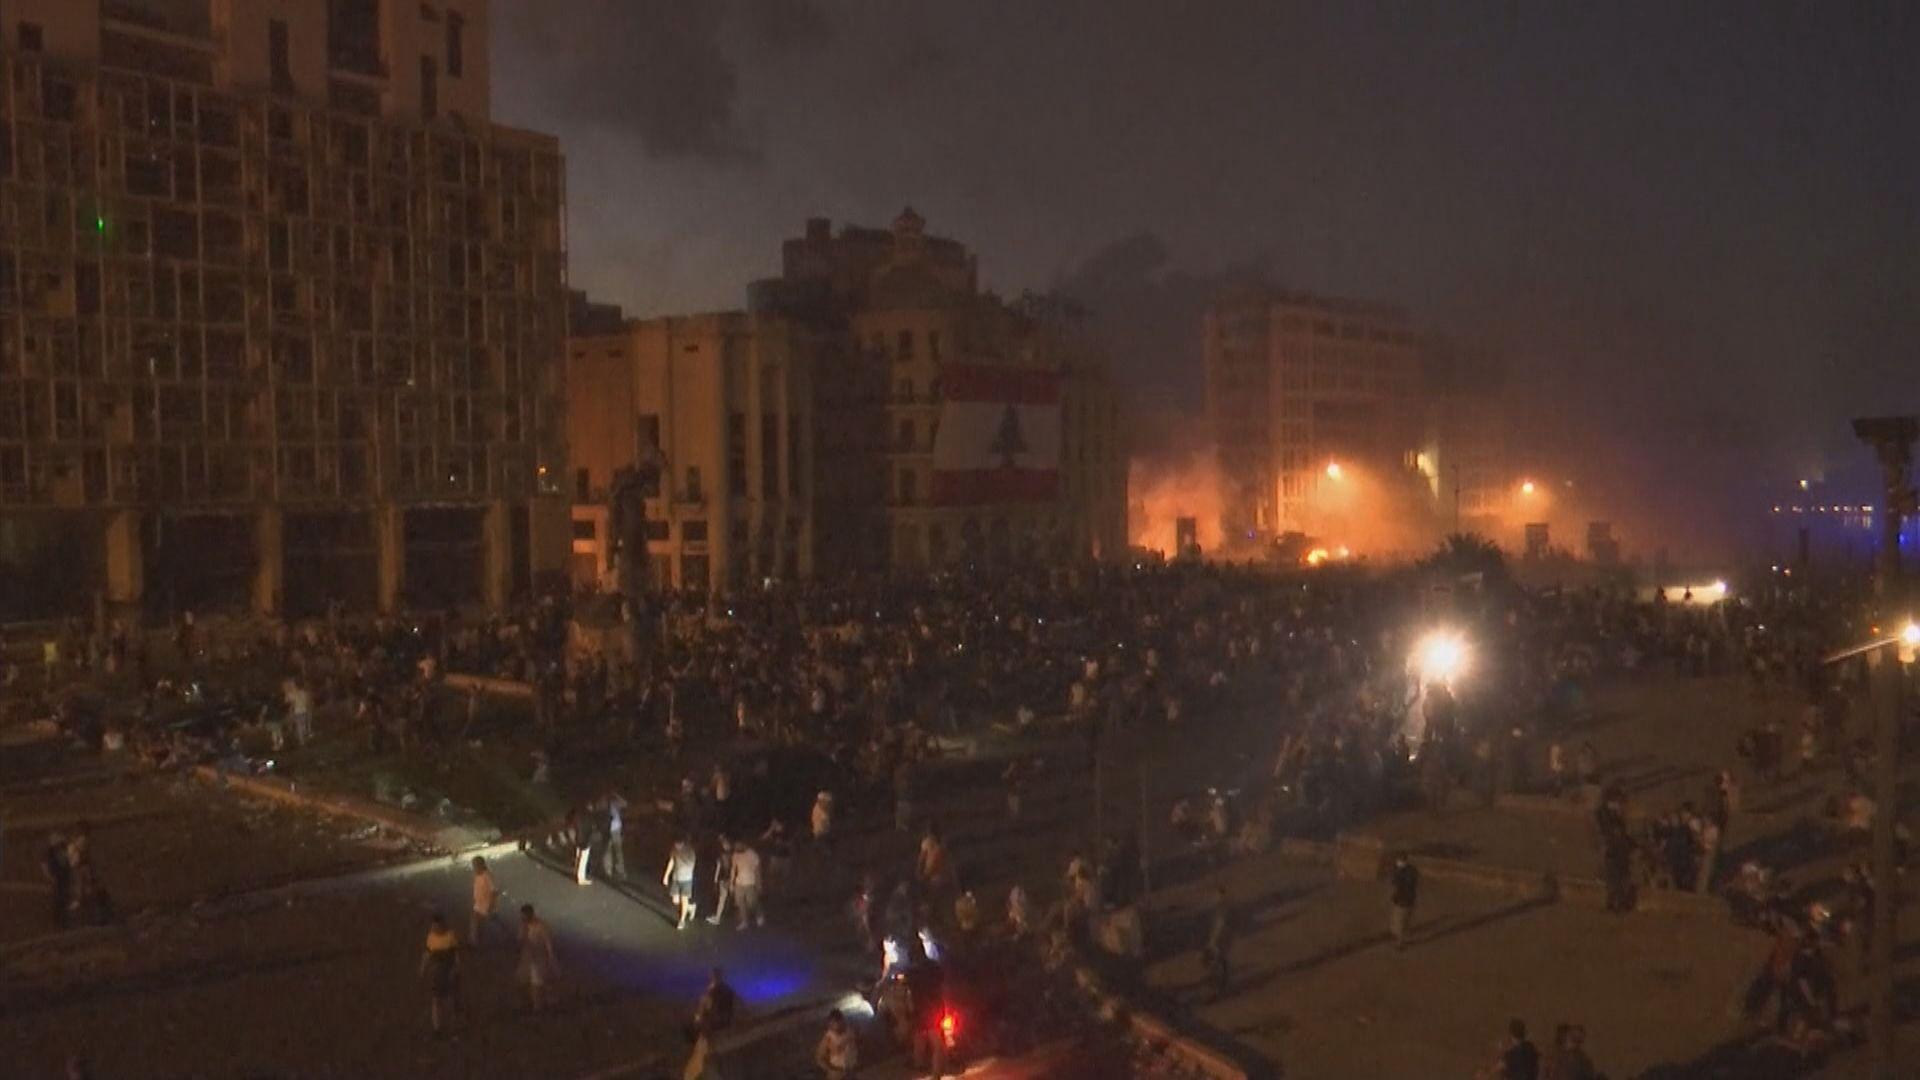 貝魯特有示威抗議政府貪腐致大爆炸 一名警員死亡